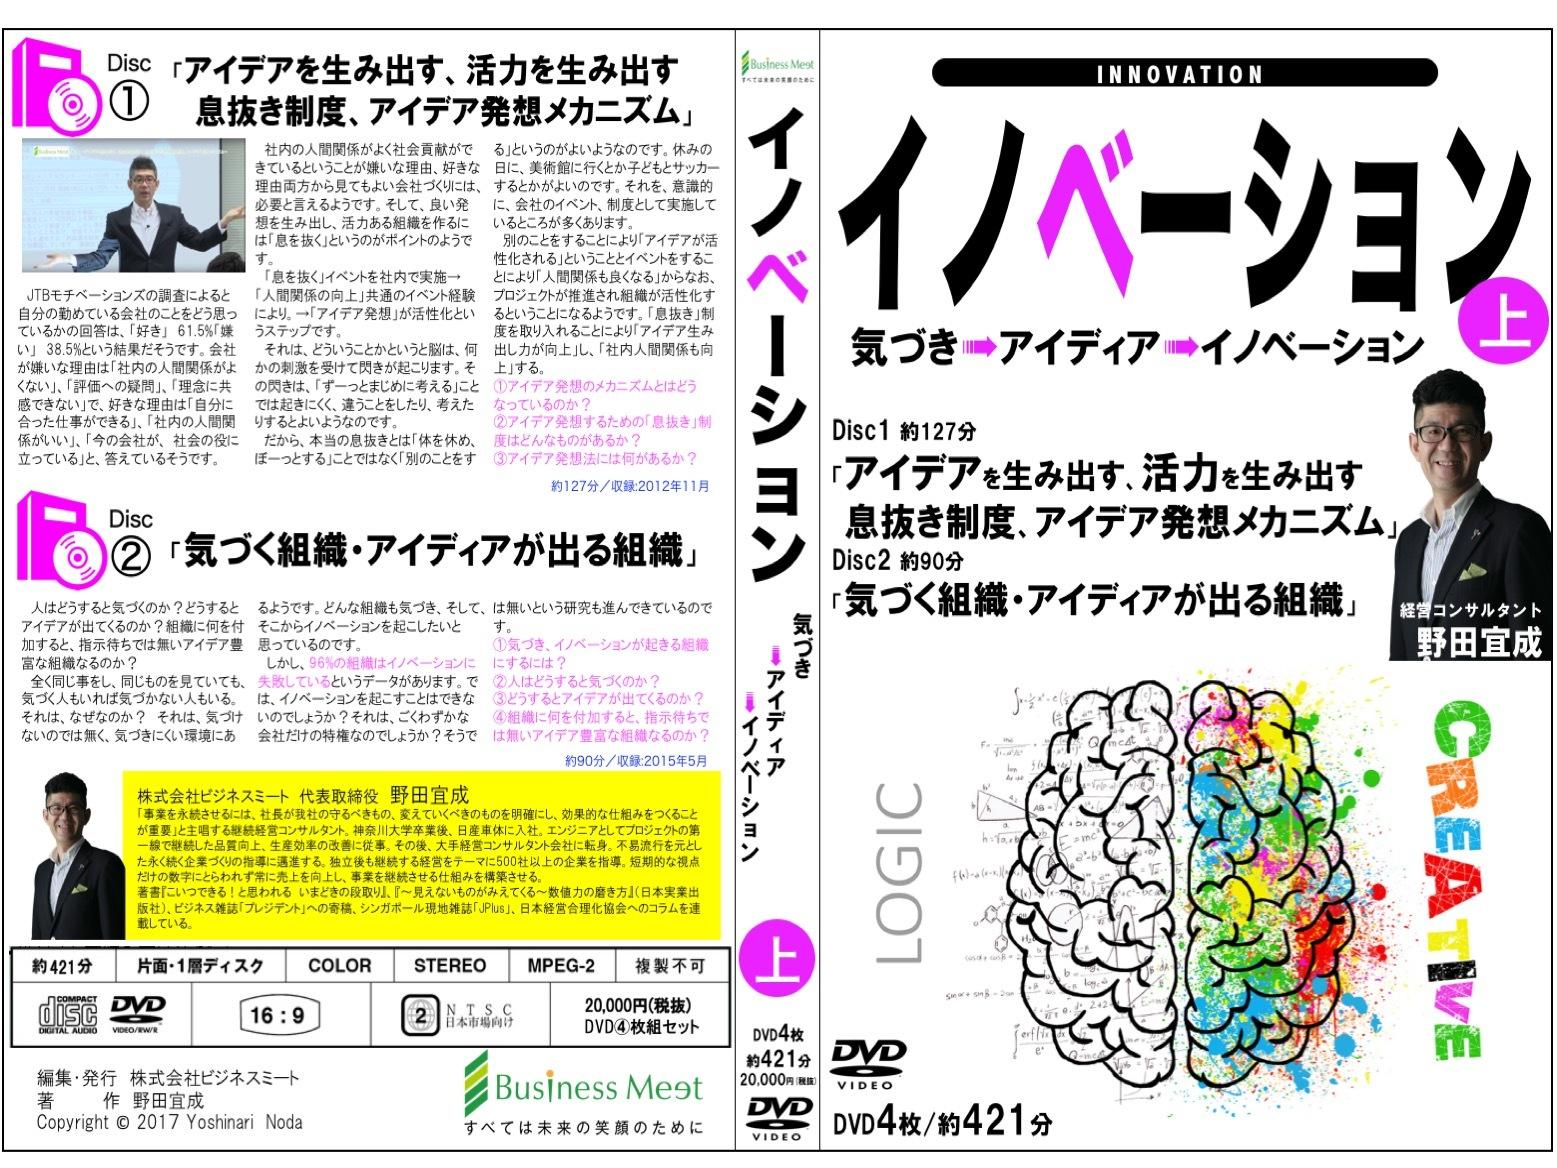 イノベーション[INNOVATION]編 〜気づき→アイディア→イノベーション〜上・下巻セット